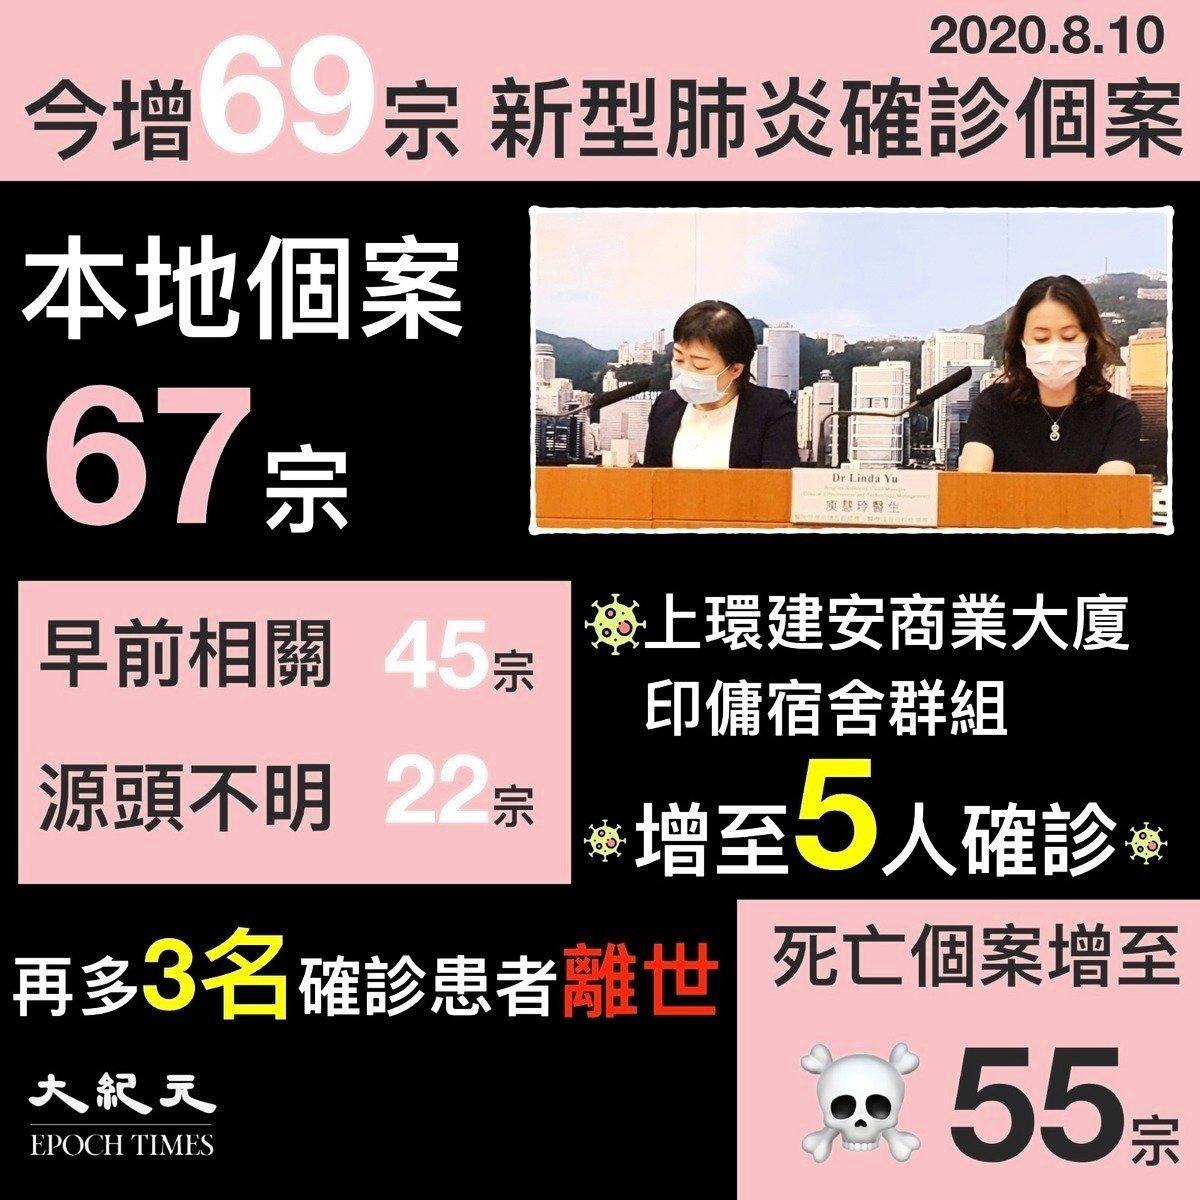 本港今增69宗中共肺炎確診個案,多名印傭確診。(大紀元合成圖)